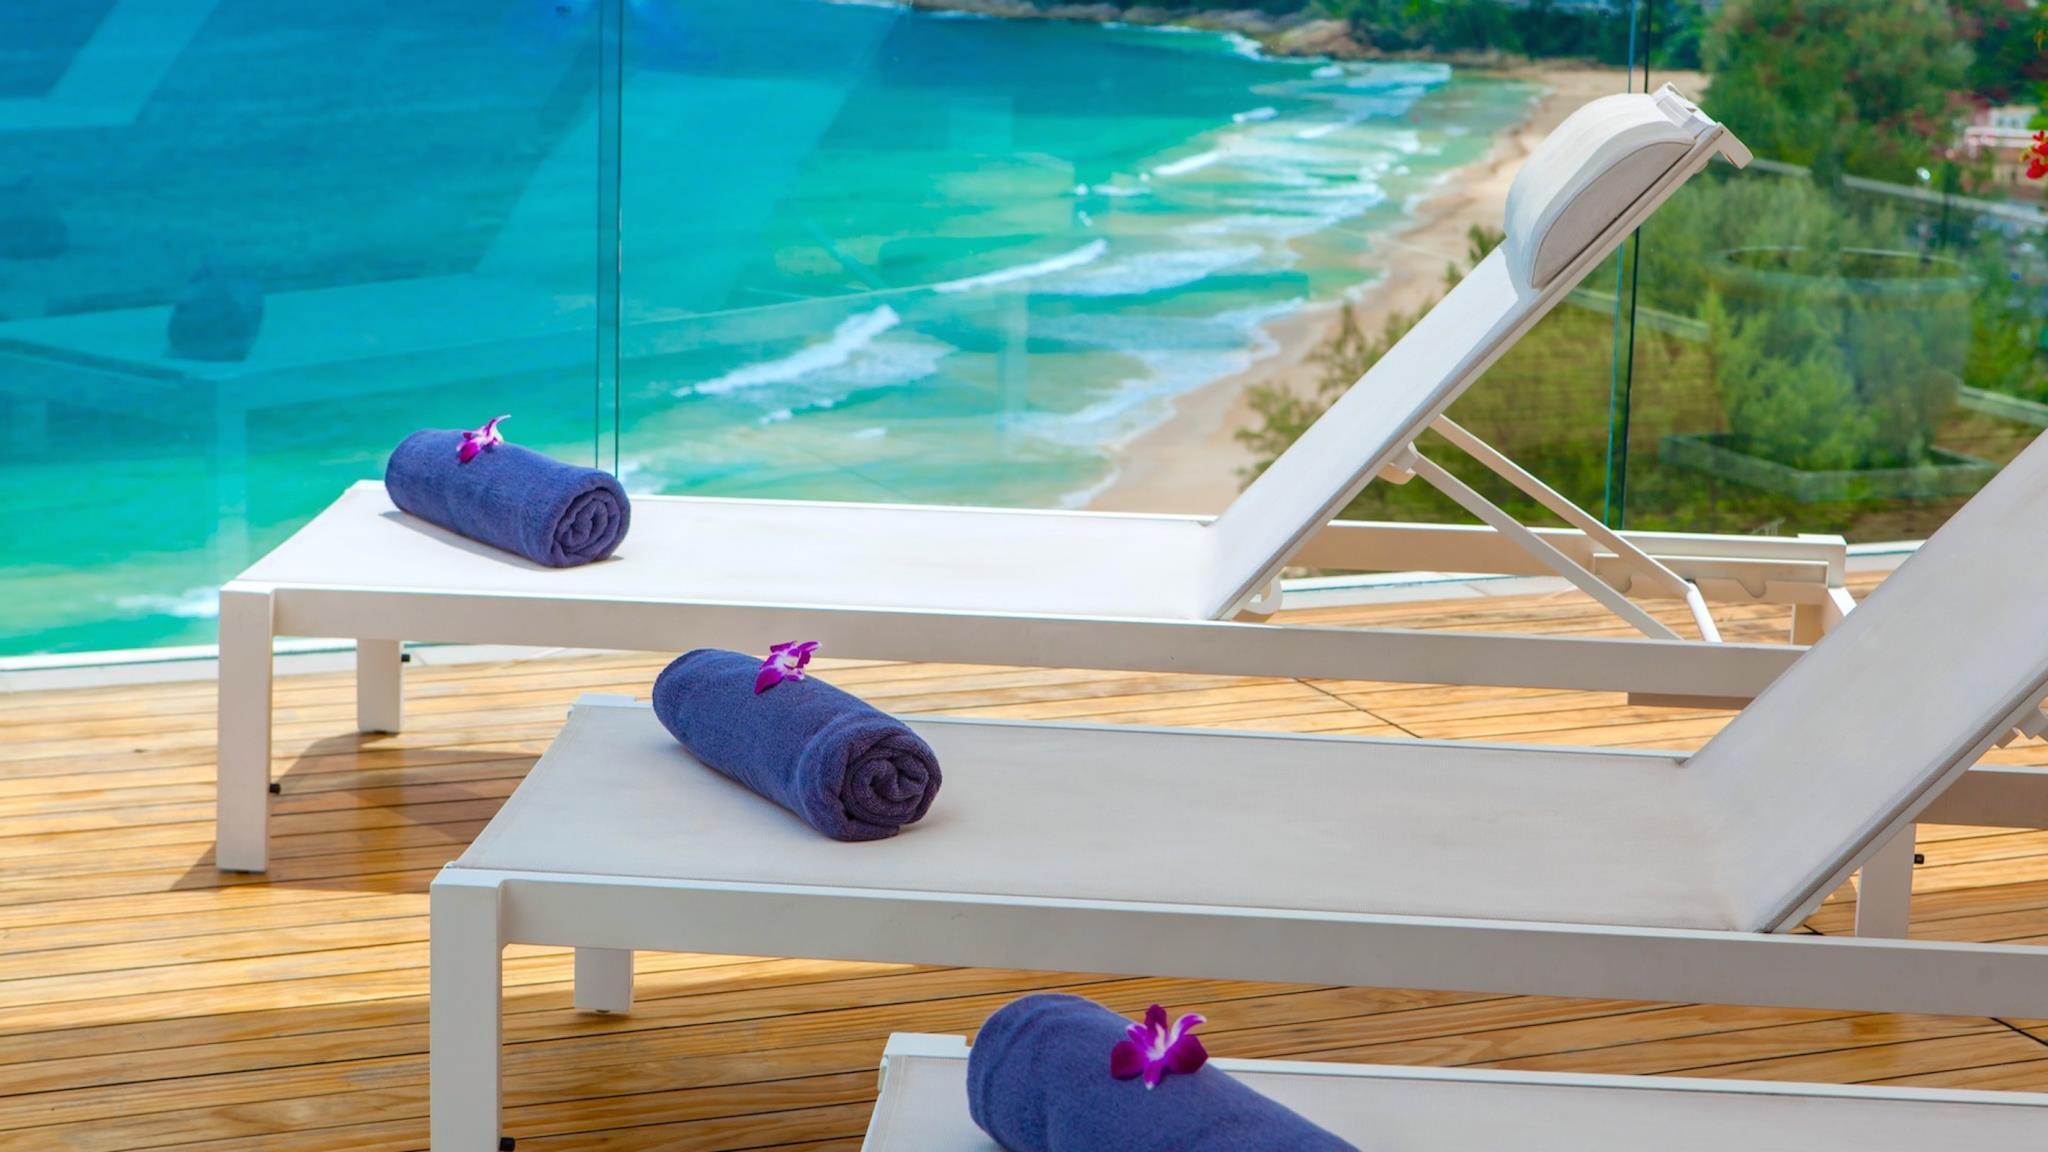 Villa Paradiso Phuket Thailand